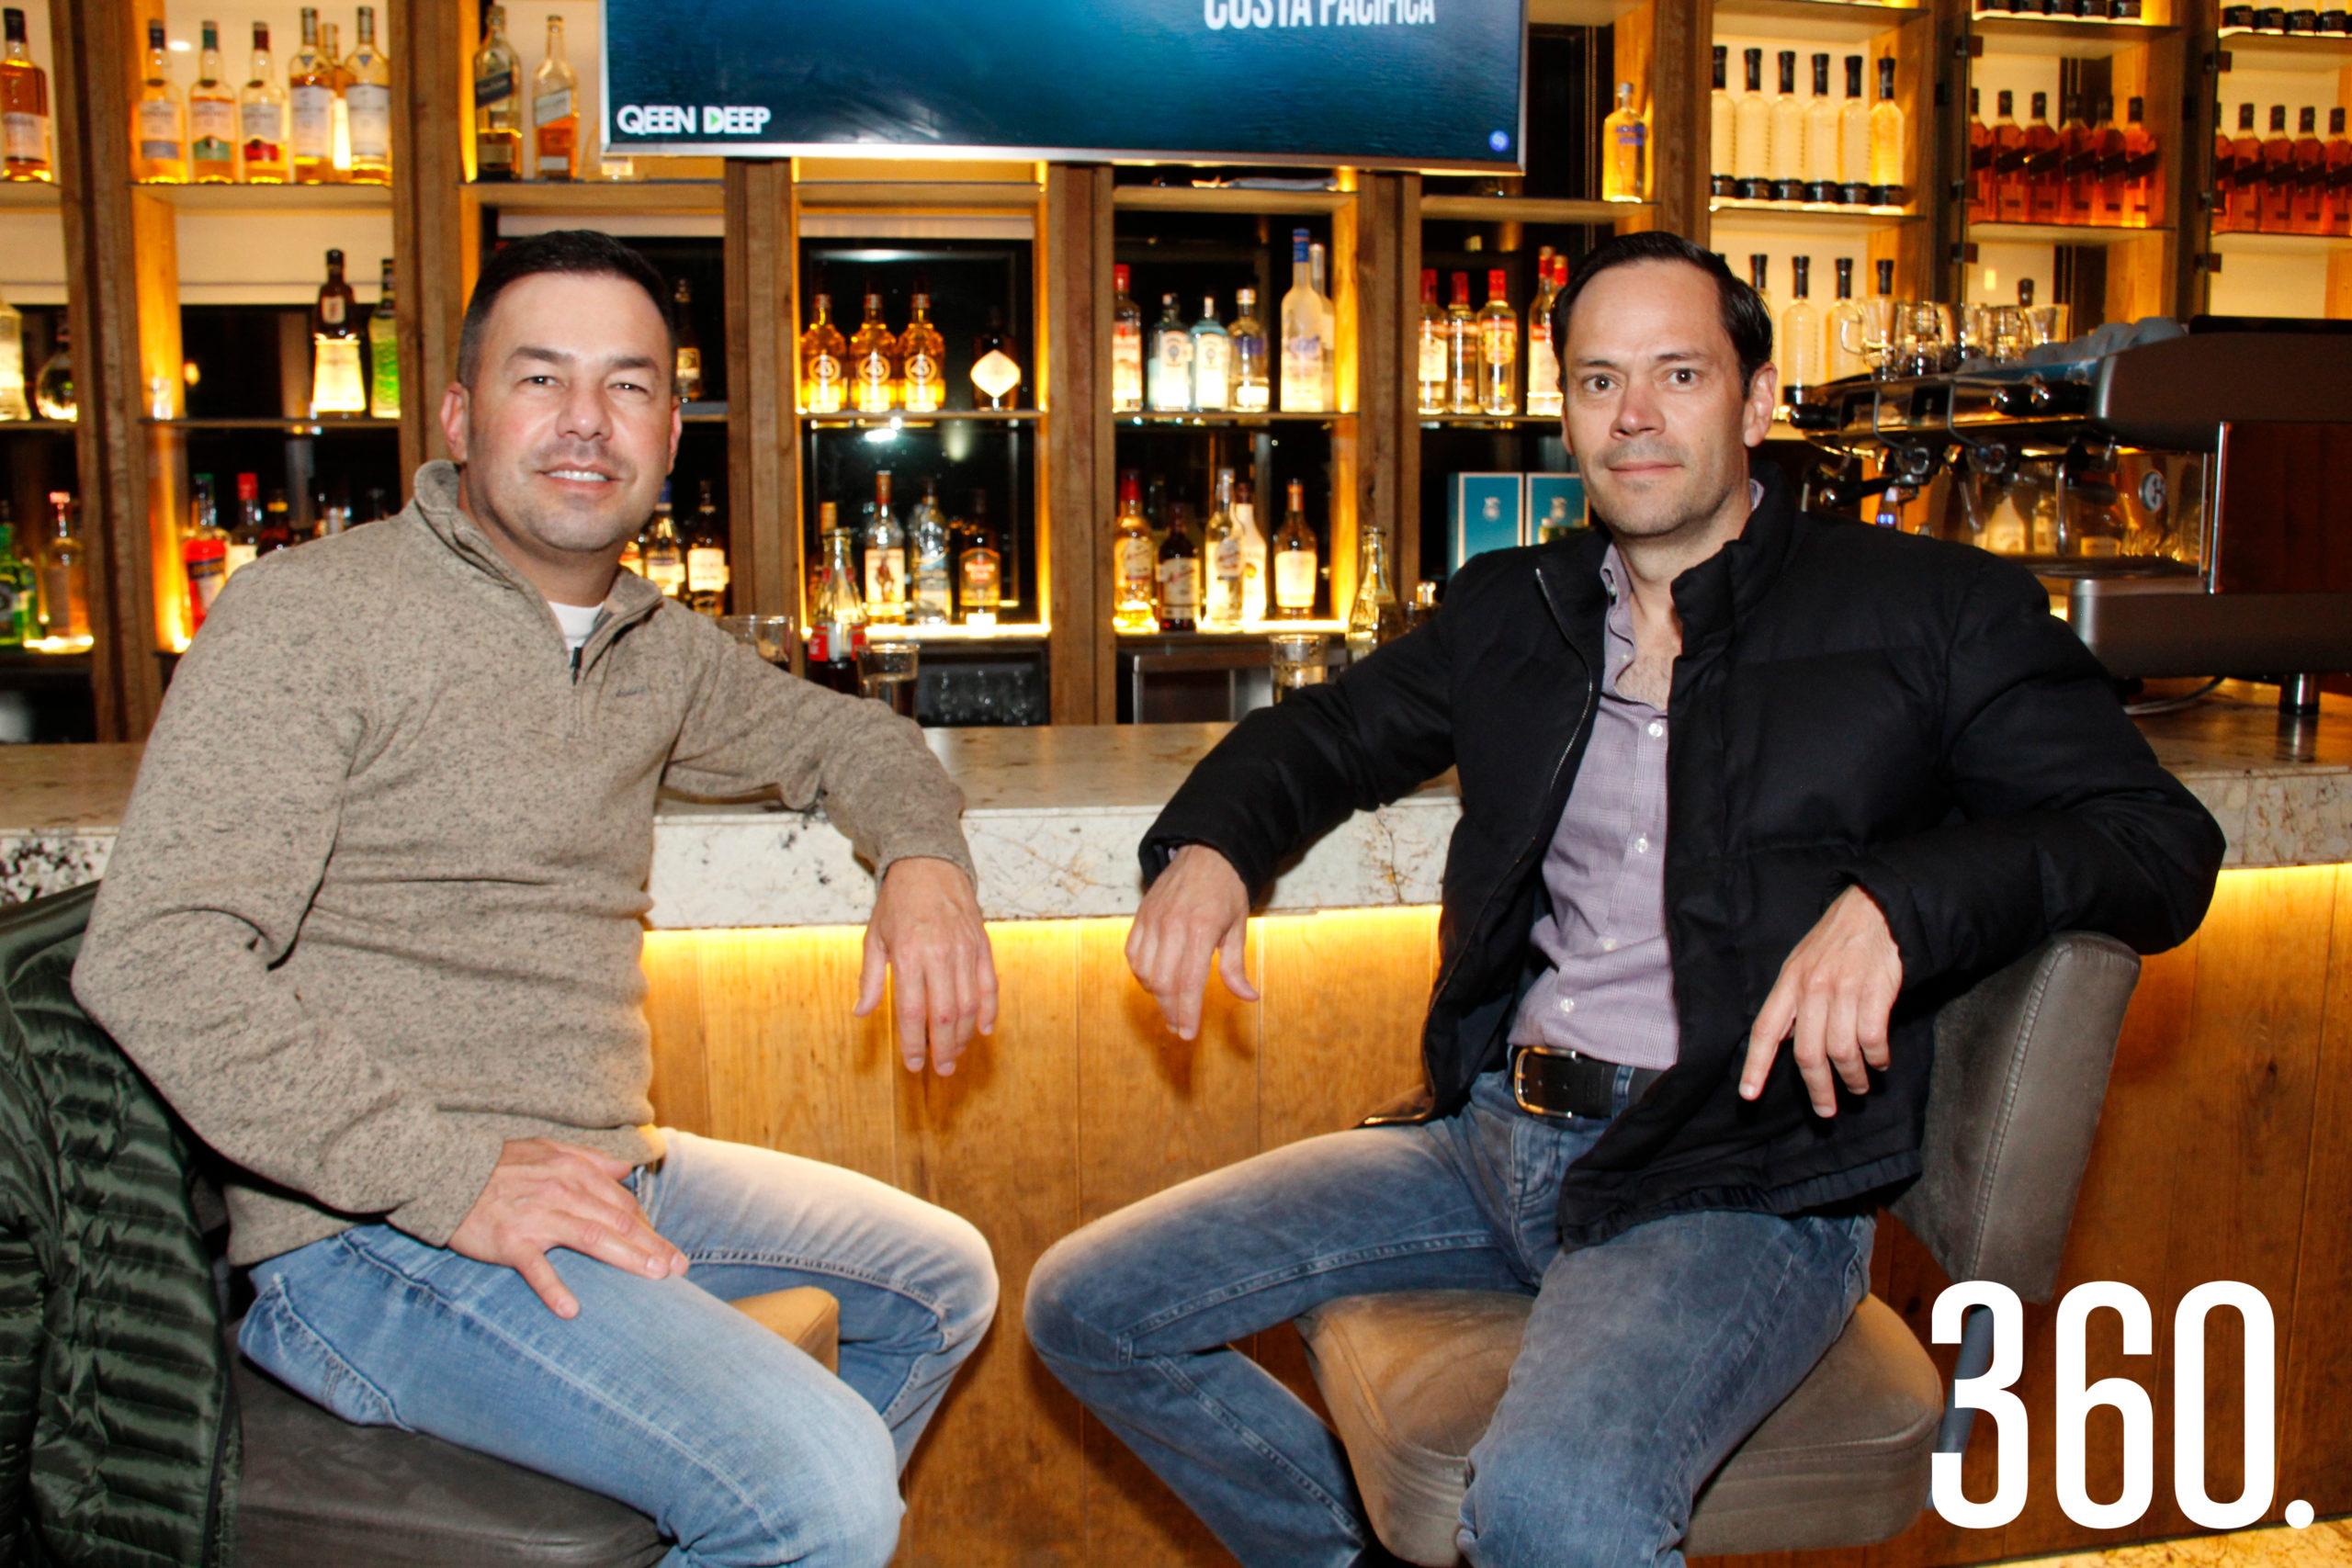 Iván Guerra y Alberto Verduzco celebraron su amistad.